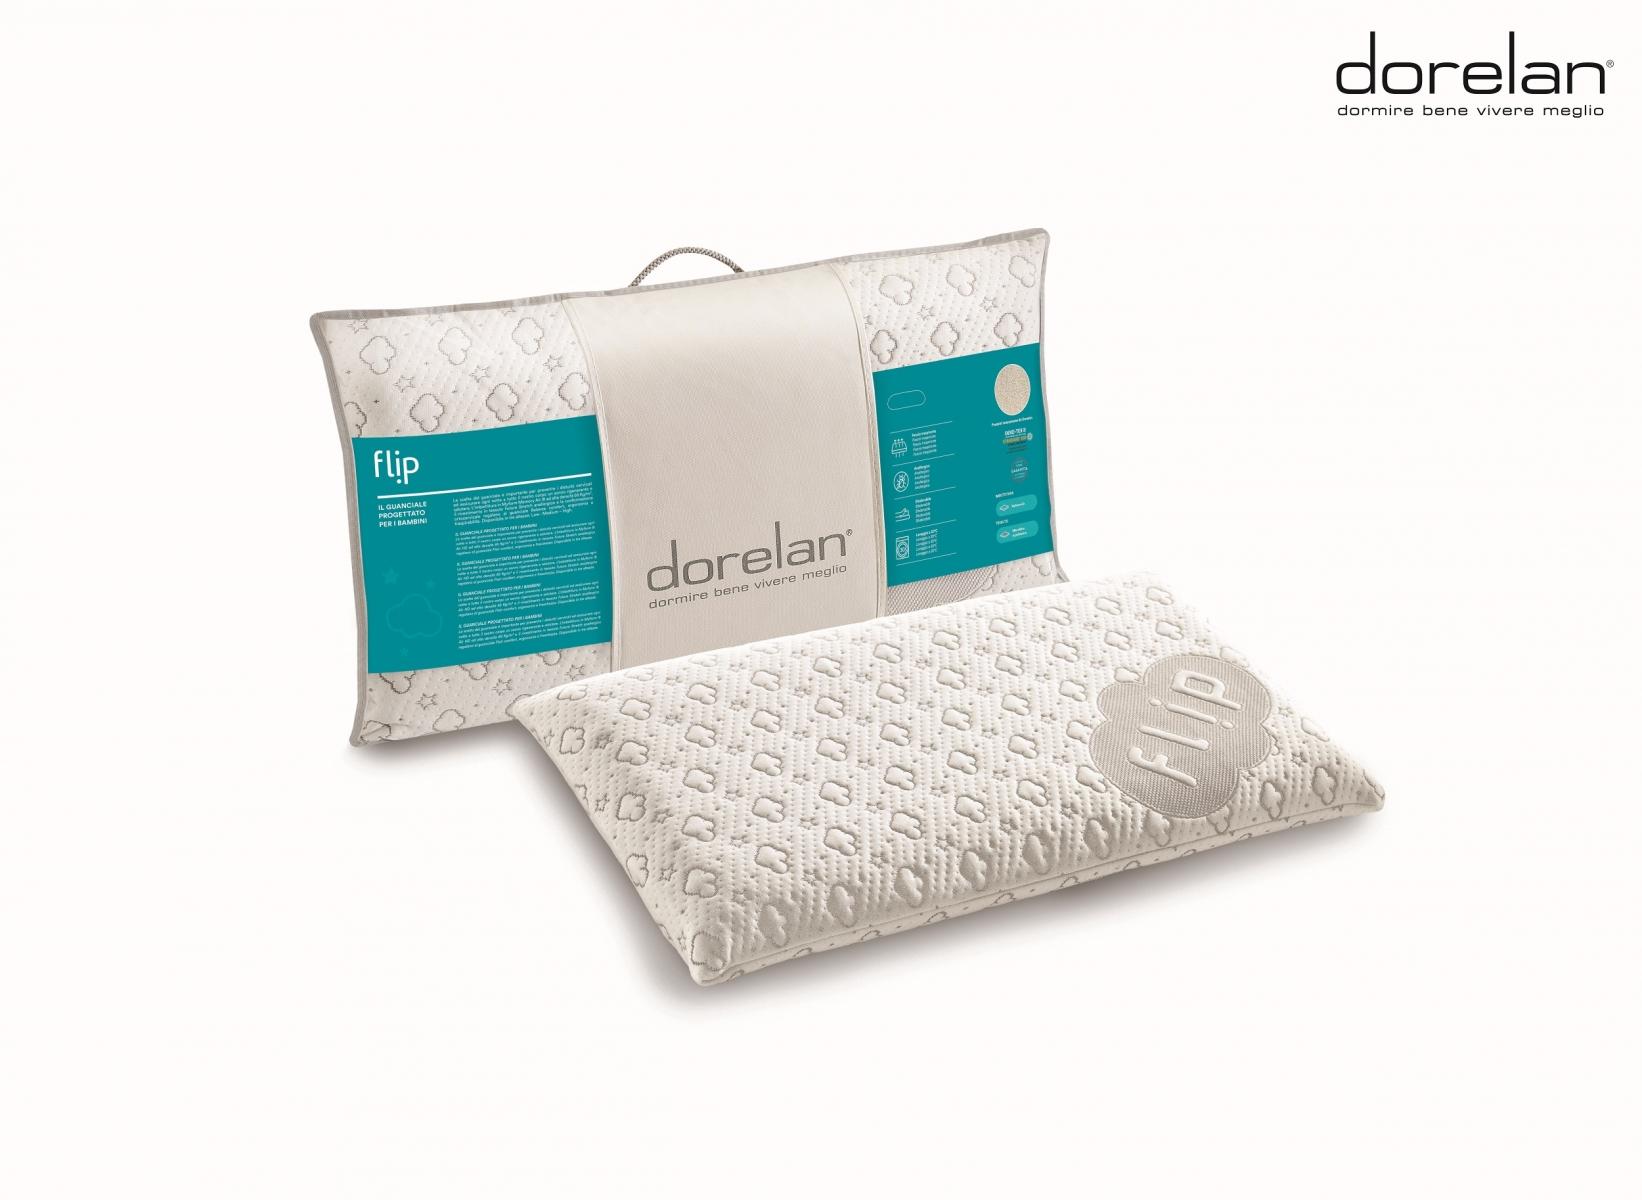 Cuscino Dorelan Flip